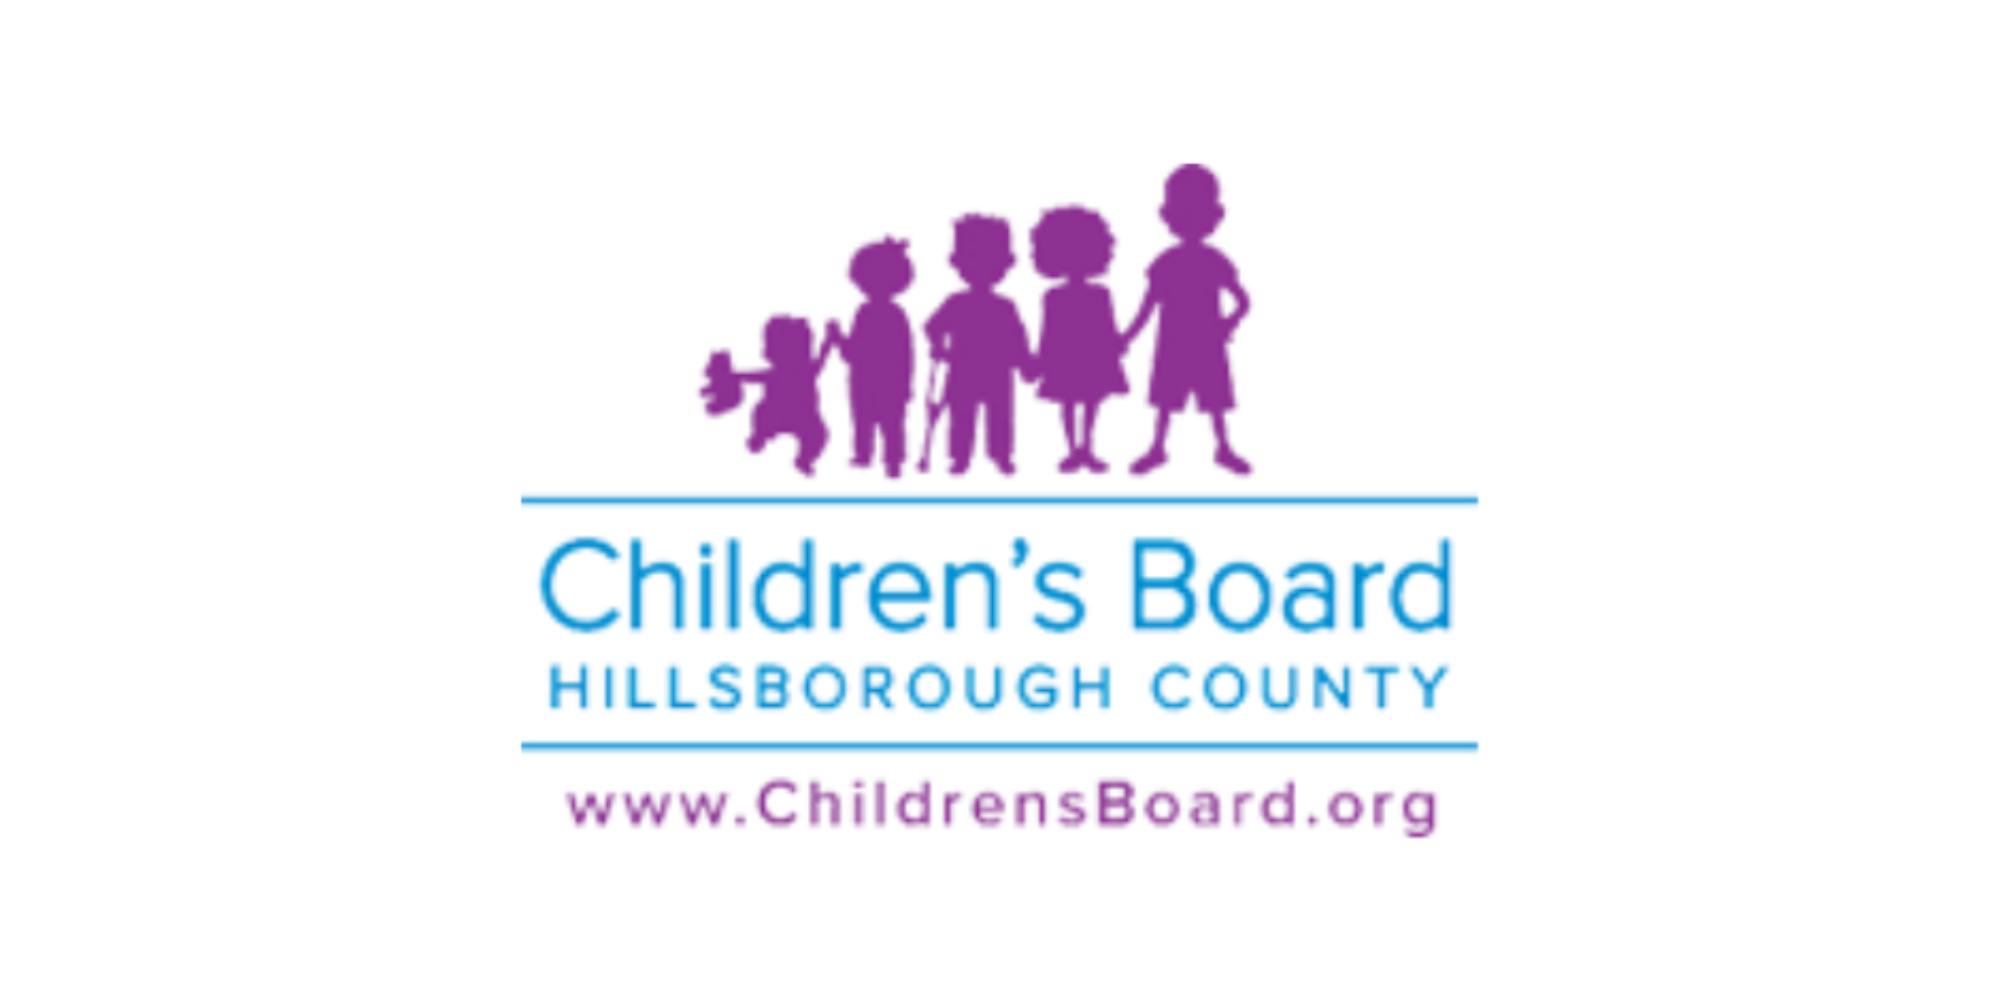 https://www.childrensboard.org/